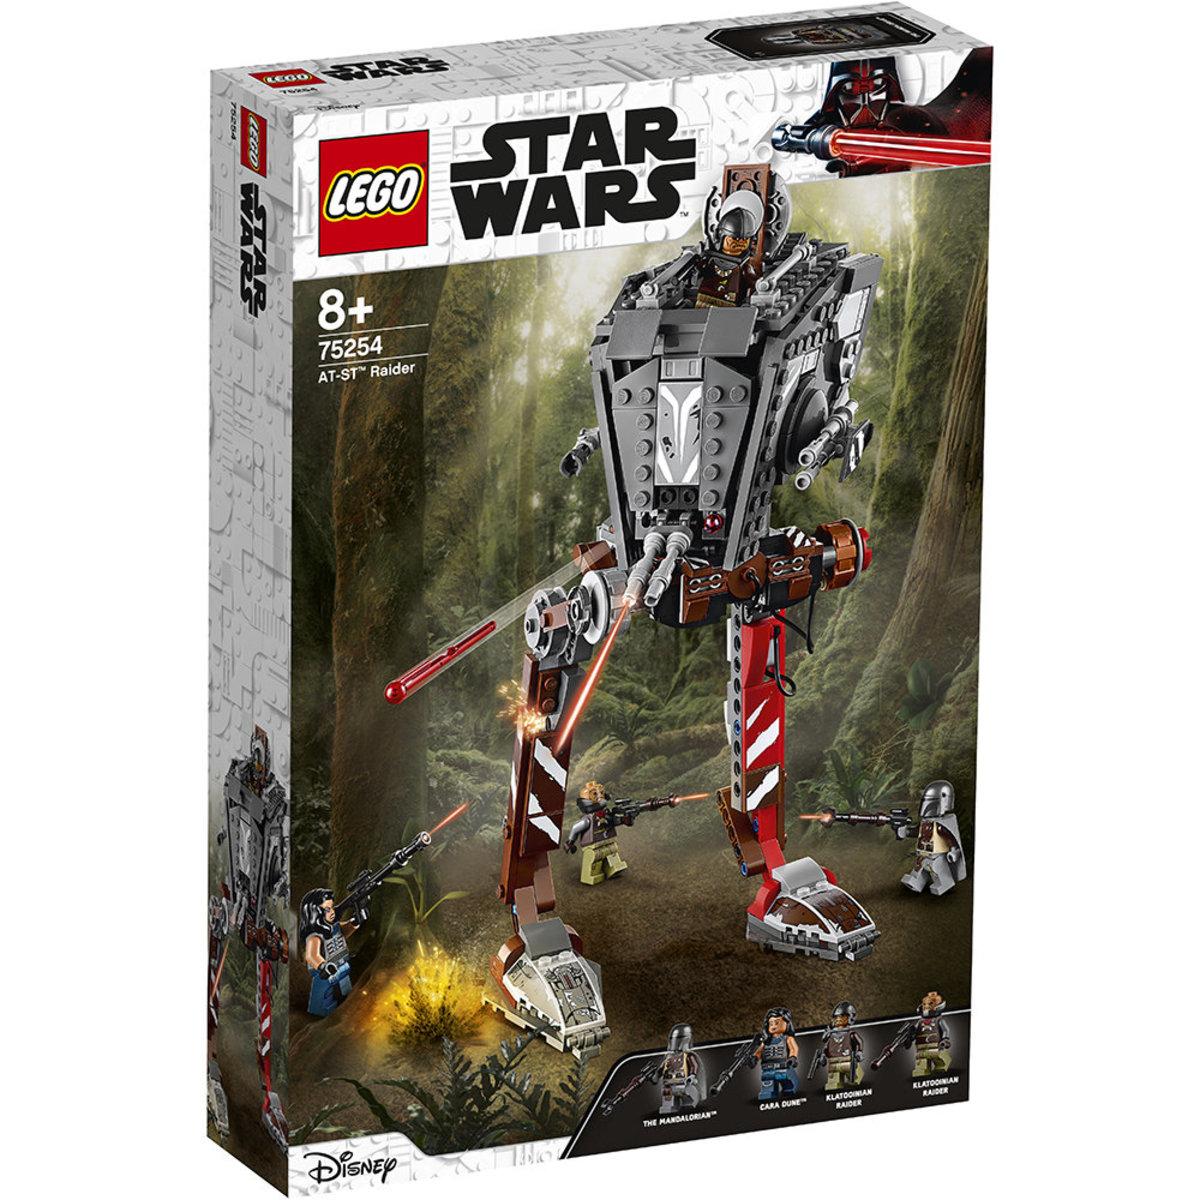 LEGO®Star Wars™ 75254 AT-ST™ Raider (Space, Star Wars)